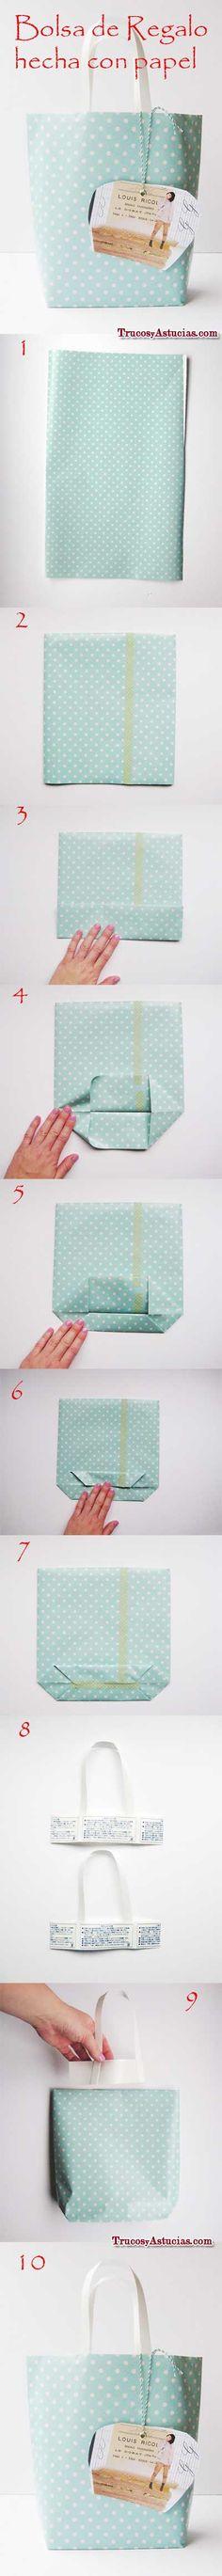 haz tu propia bolsa de papel de regalo #crafts #tips #regalos #gifts #manualidades